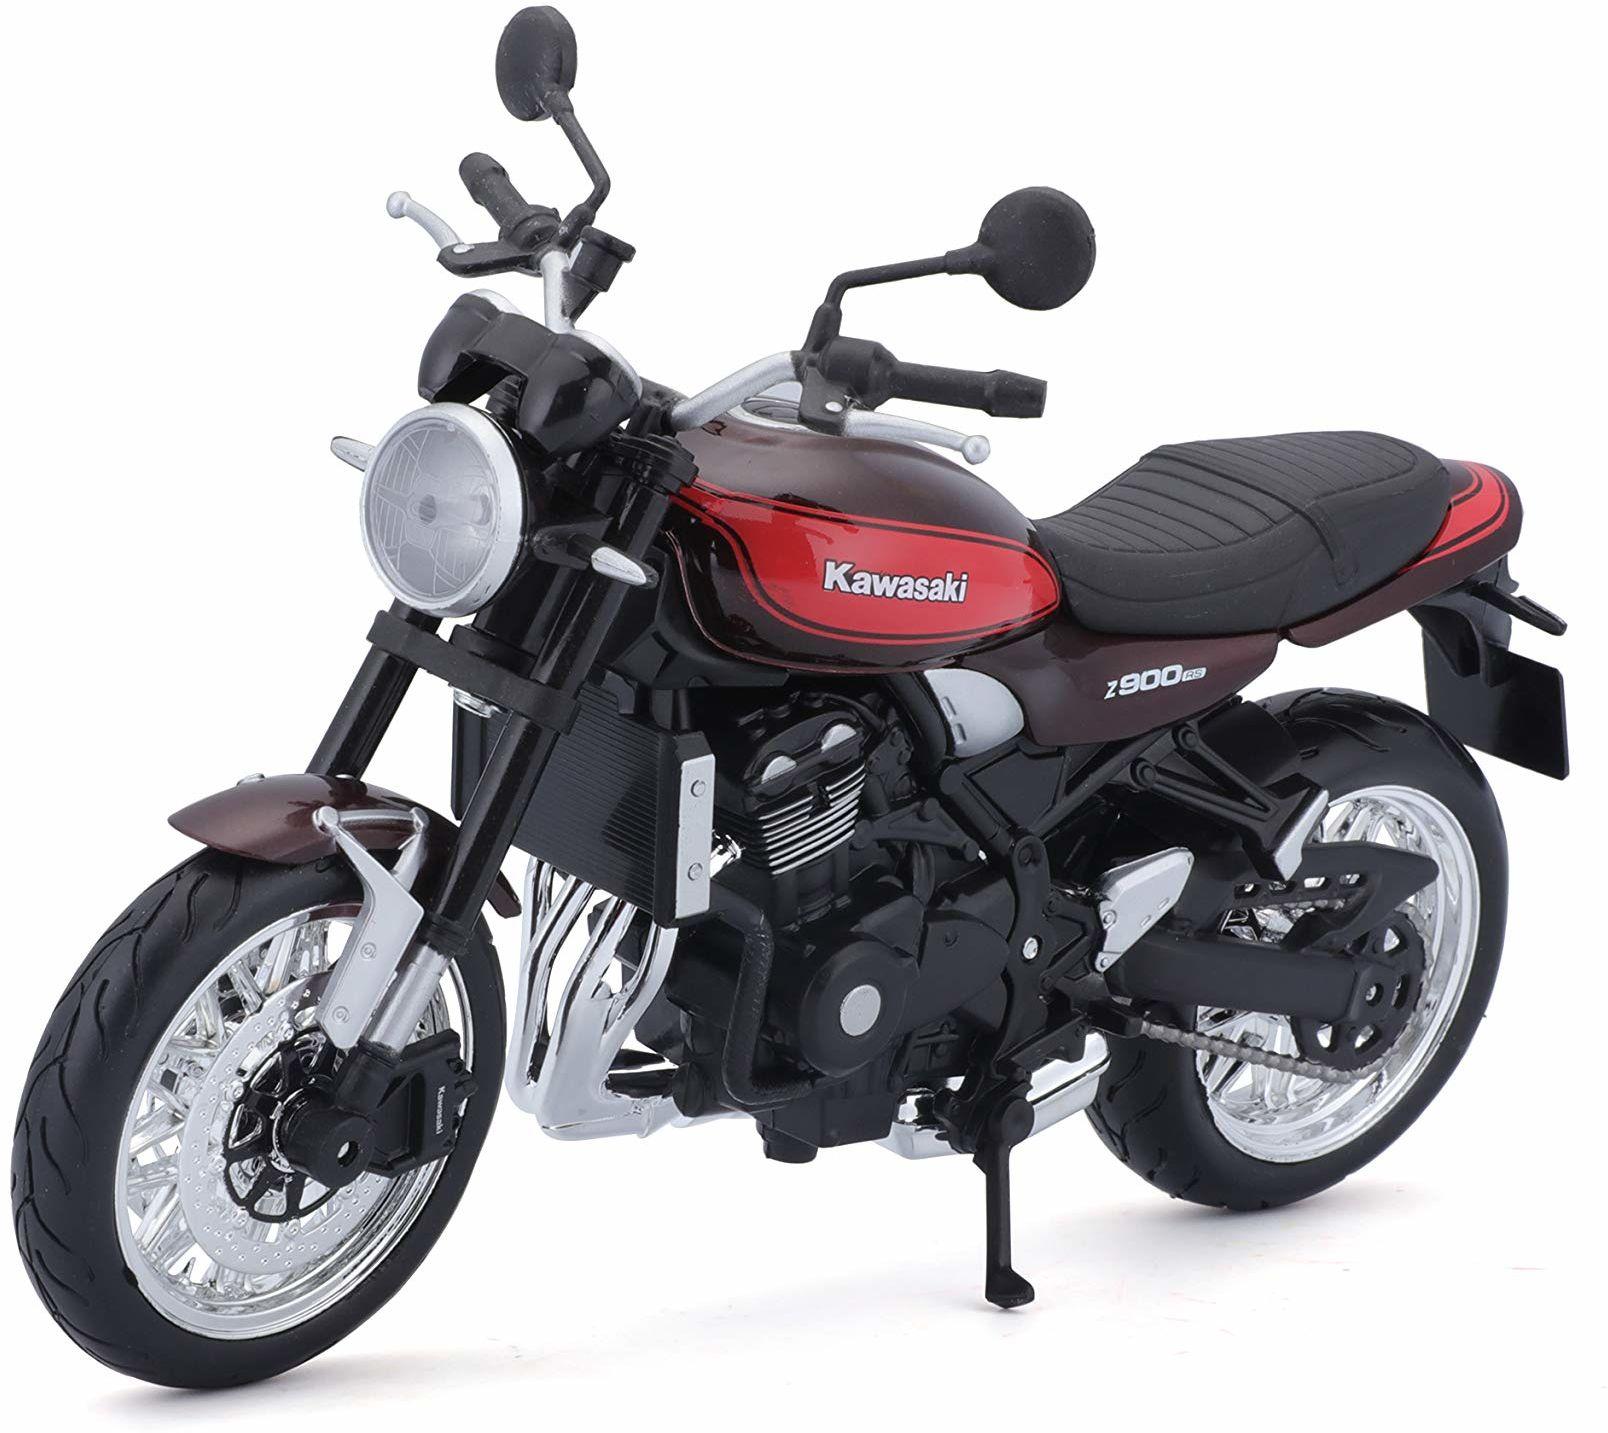 Maisto Kawasaki Z900RS: oryginalny model motocykla, skala 1:12, ze sprężynami i rozkładaną podpórką boczną, 17 cm, brązowo-pomarańczowy (5-18990)